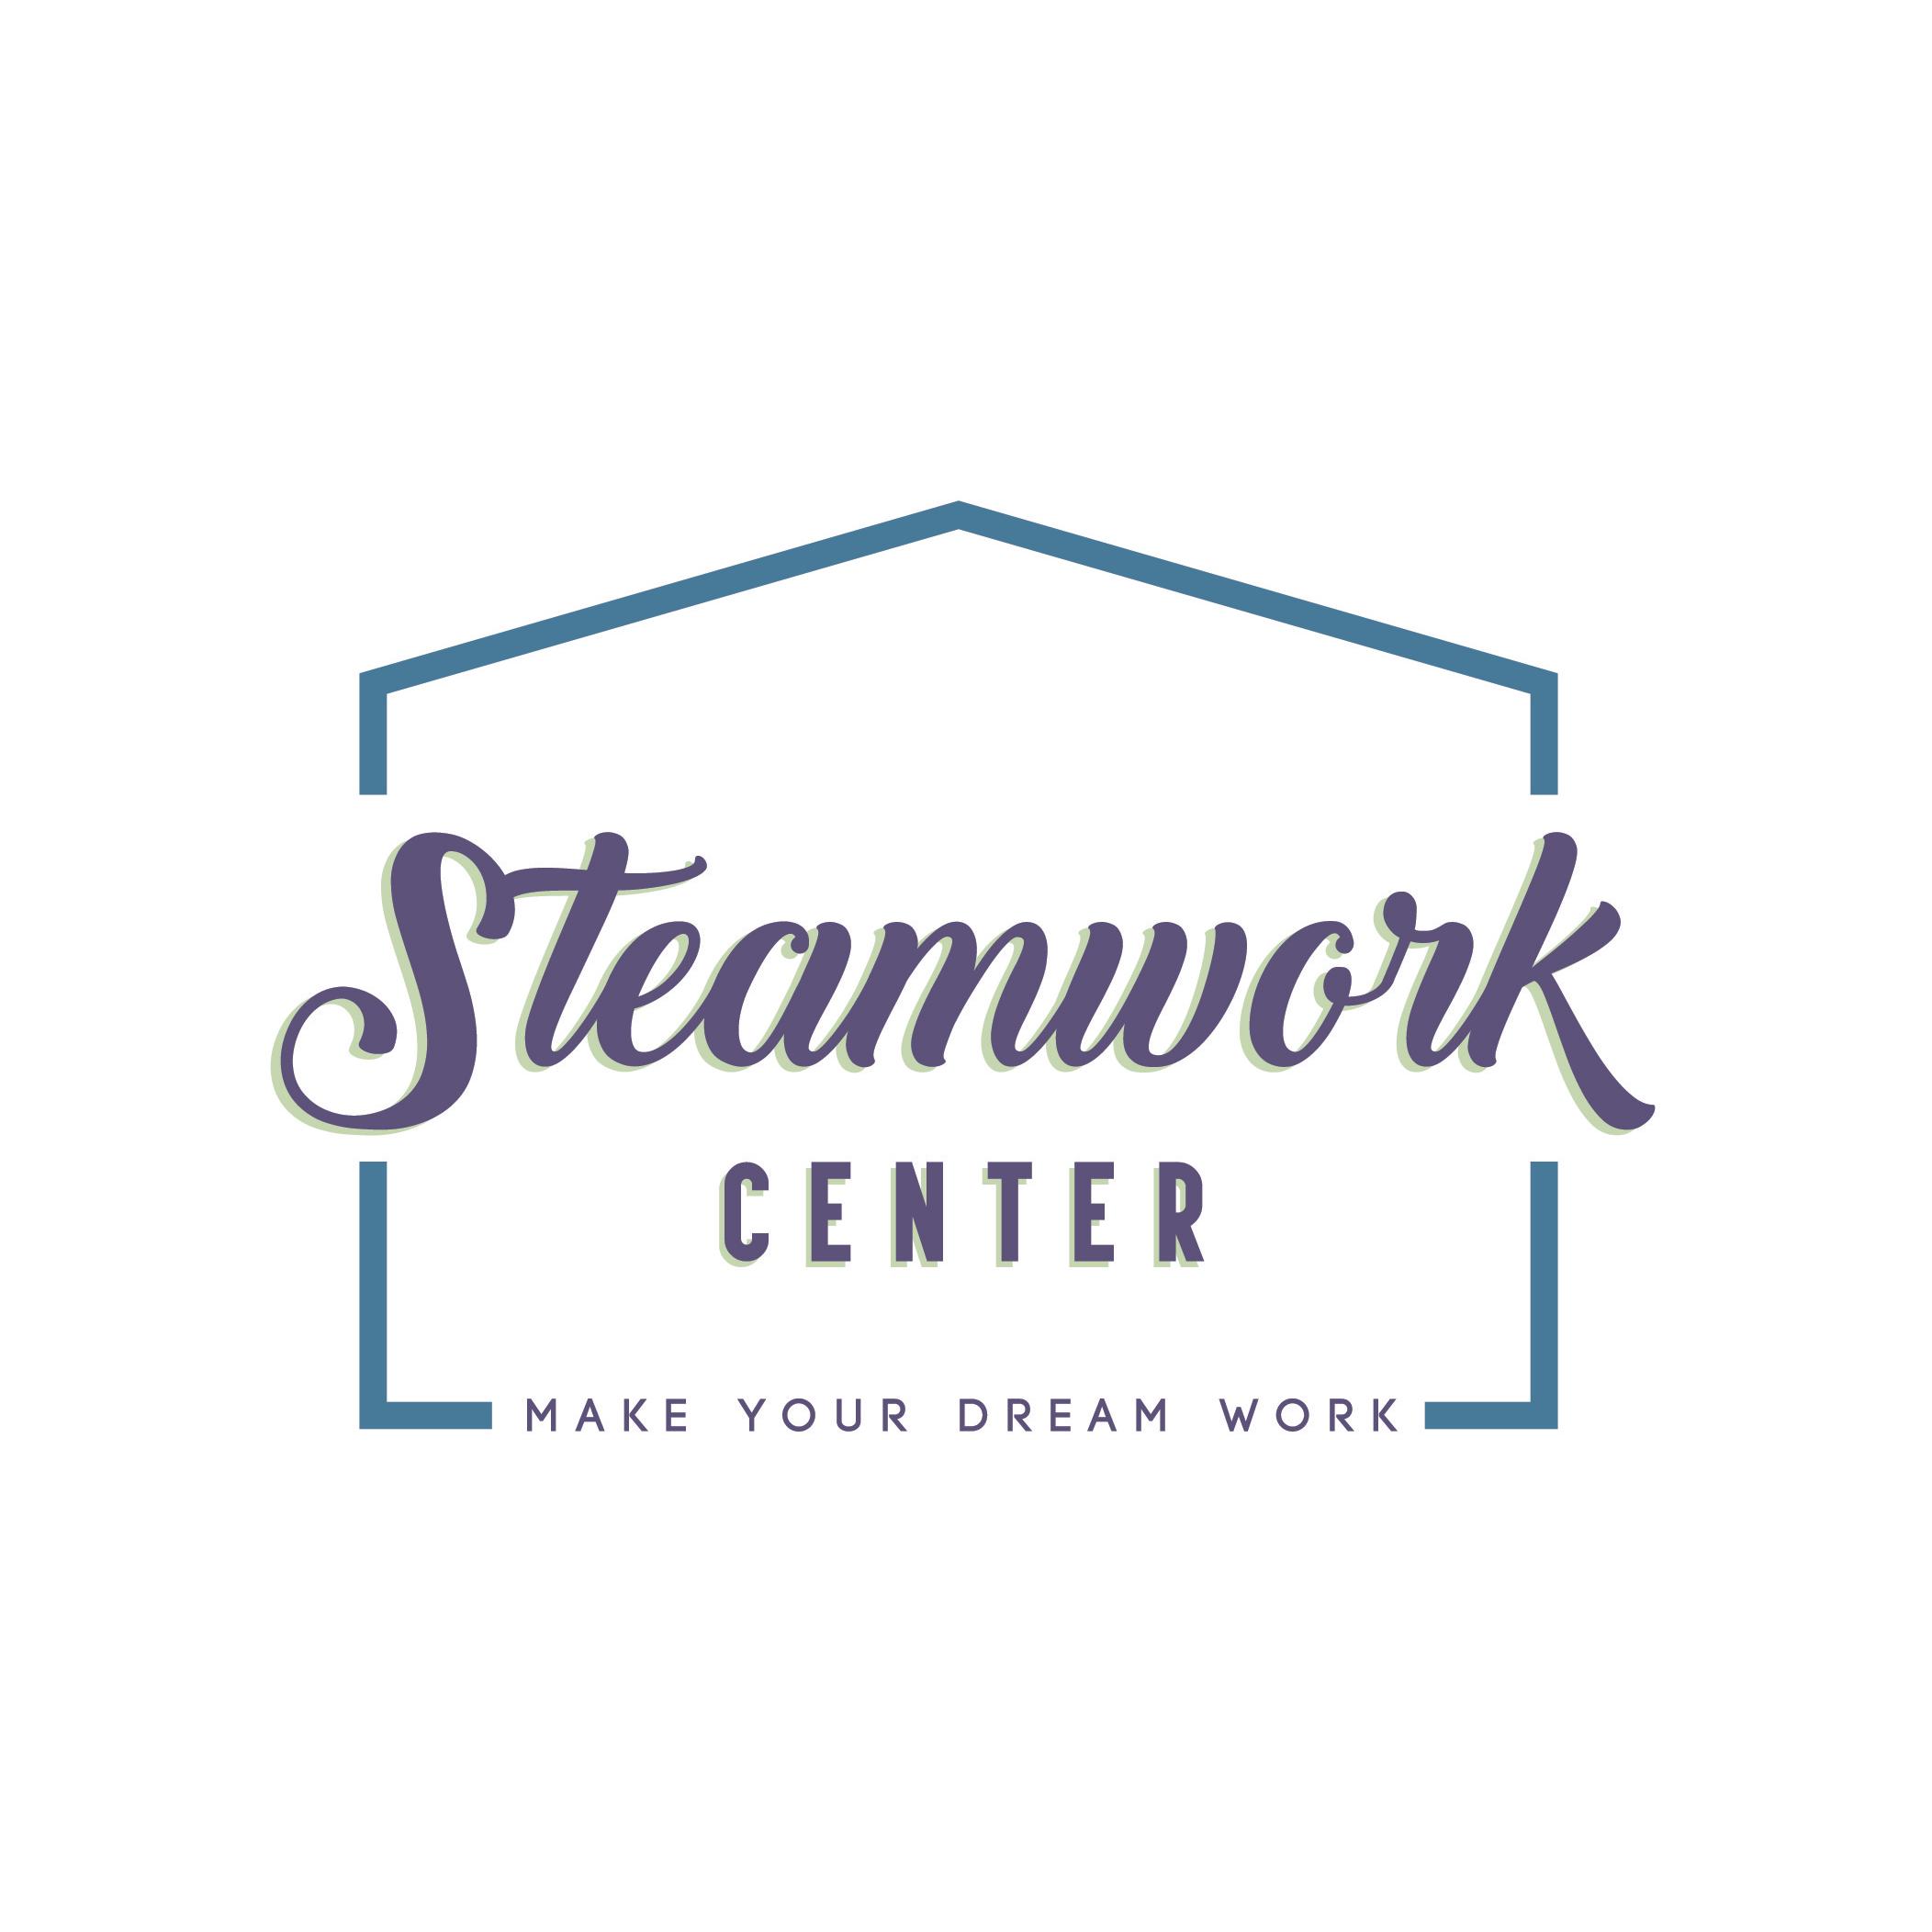 Steamwork Center image 8